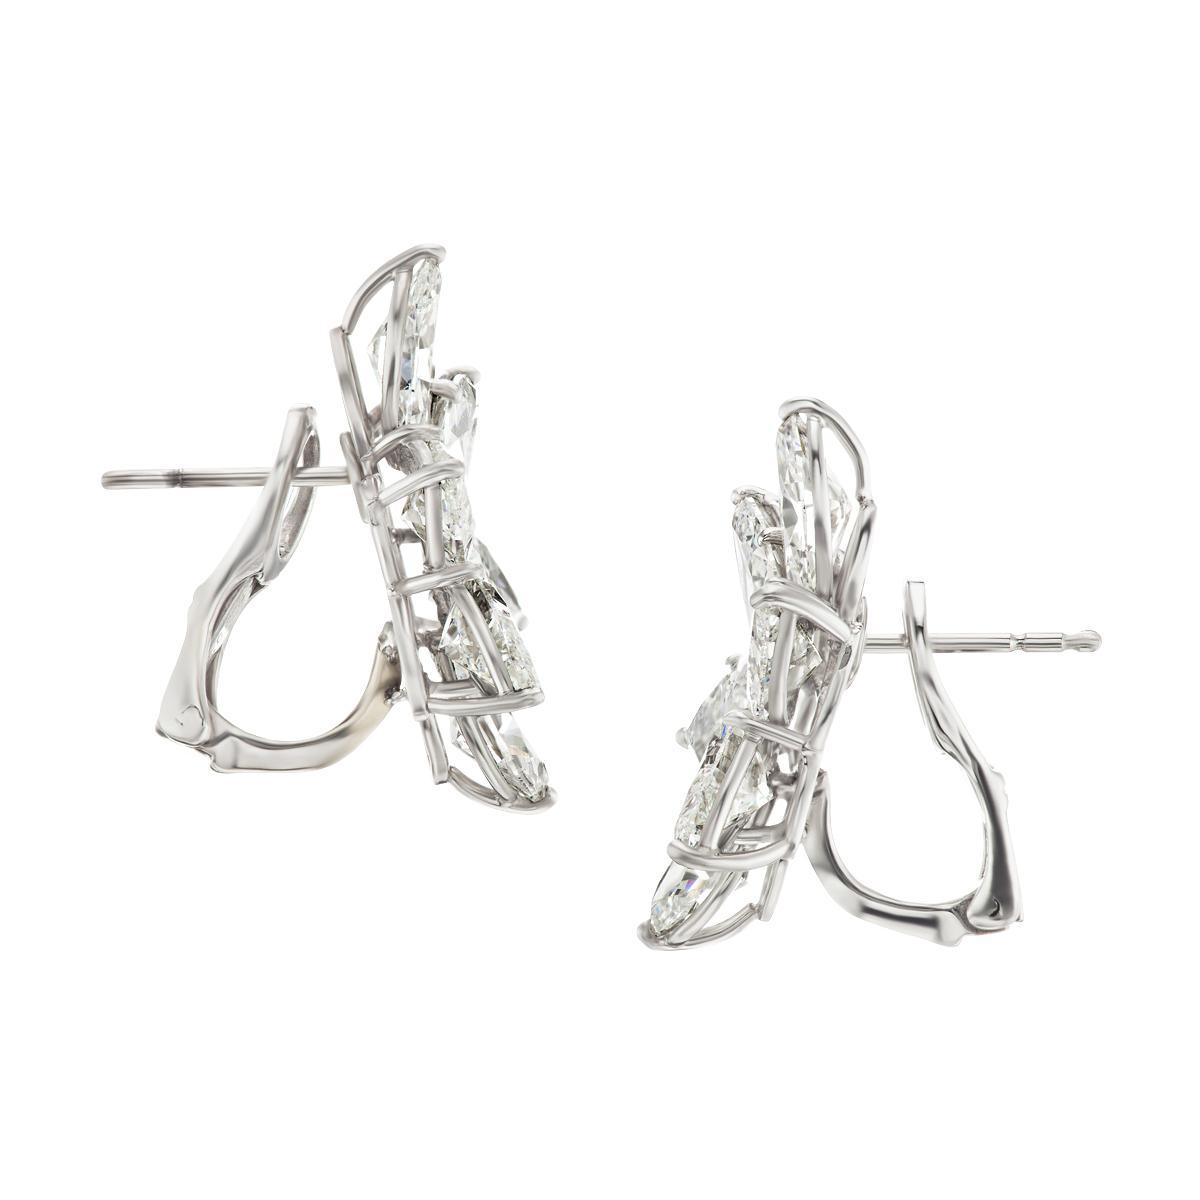 pair-of-diamond-cluster-earrings-9ab8